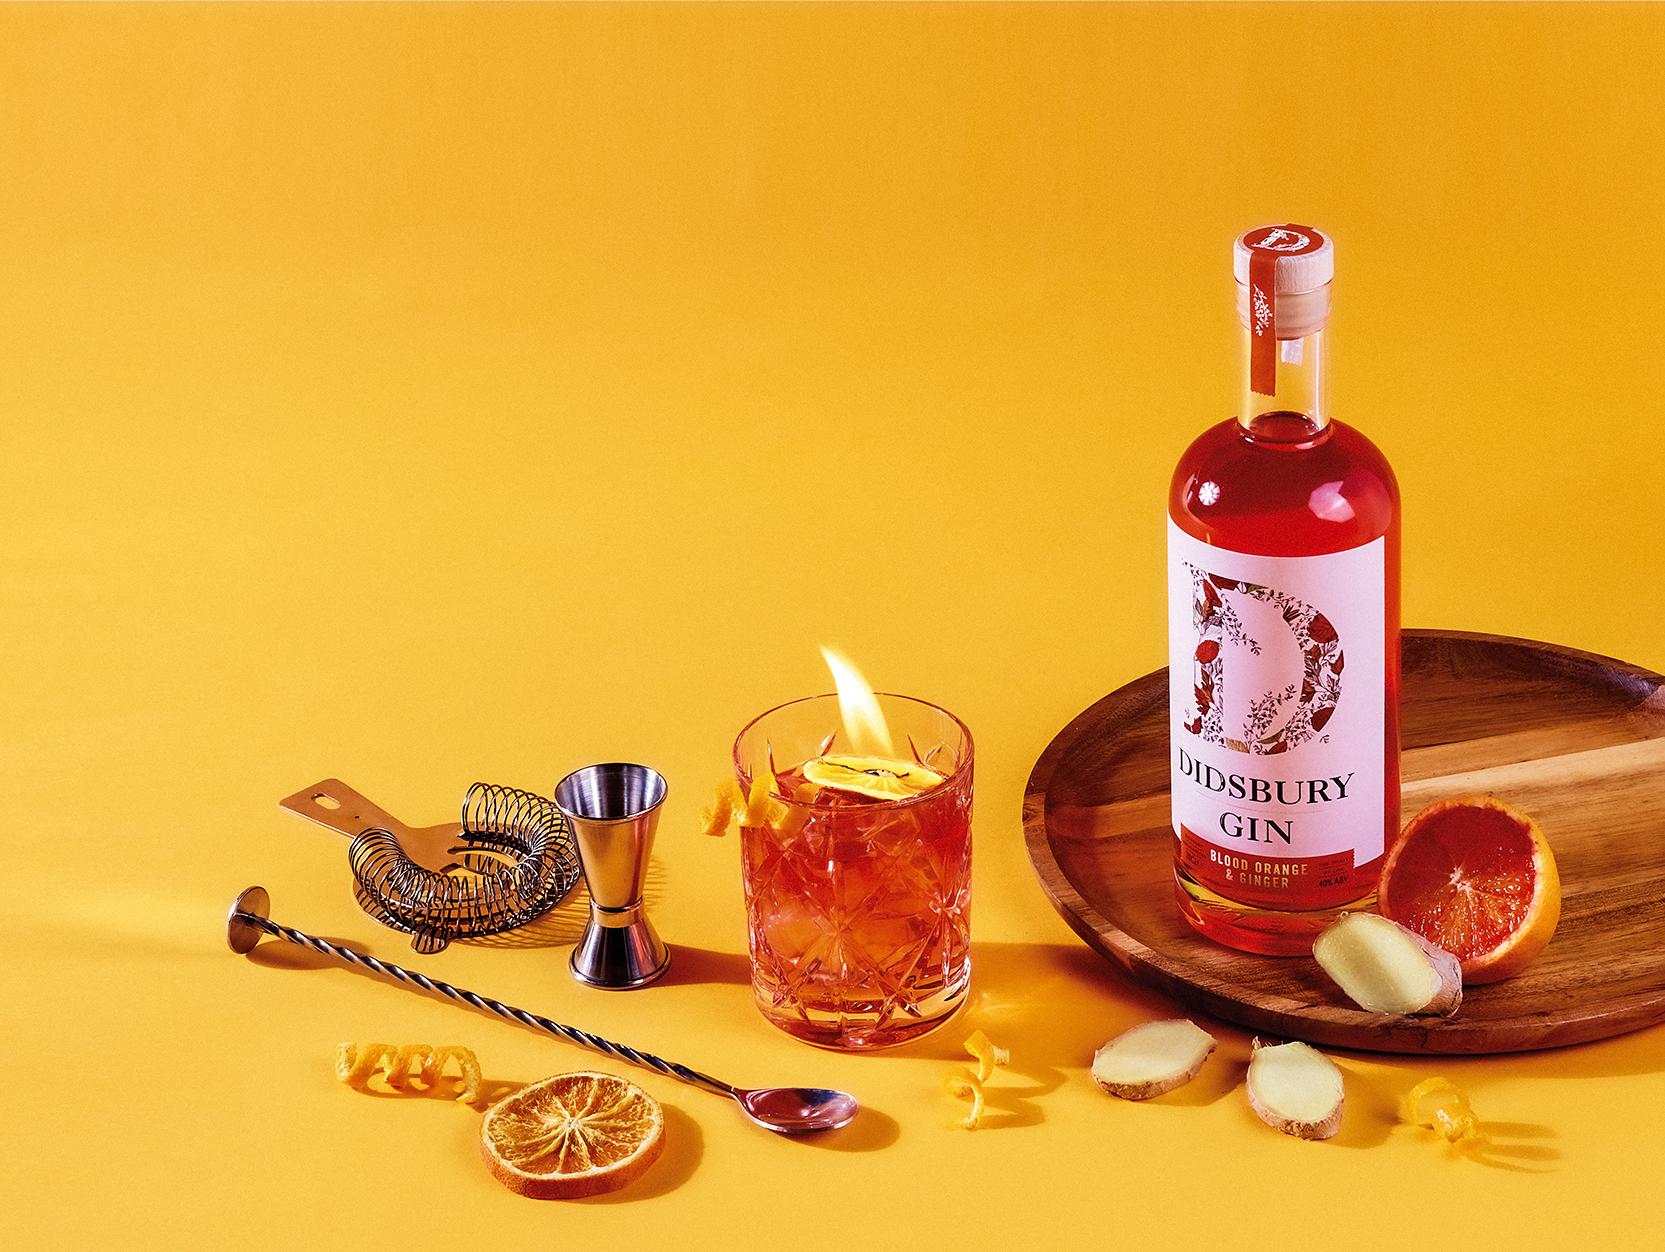 Didsbury Gin Blood Orange Gin